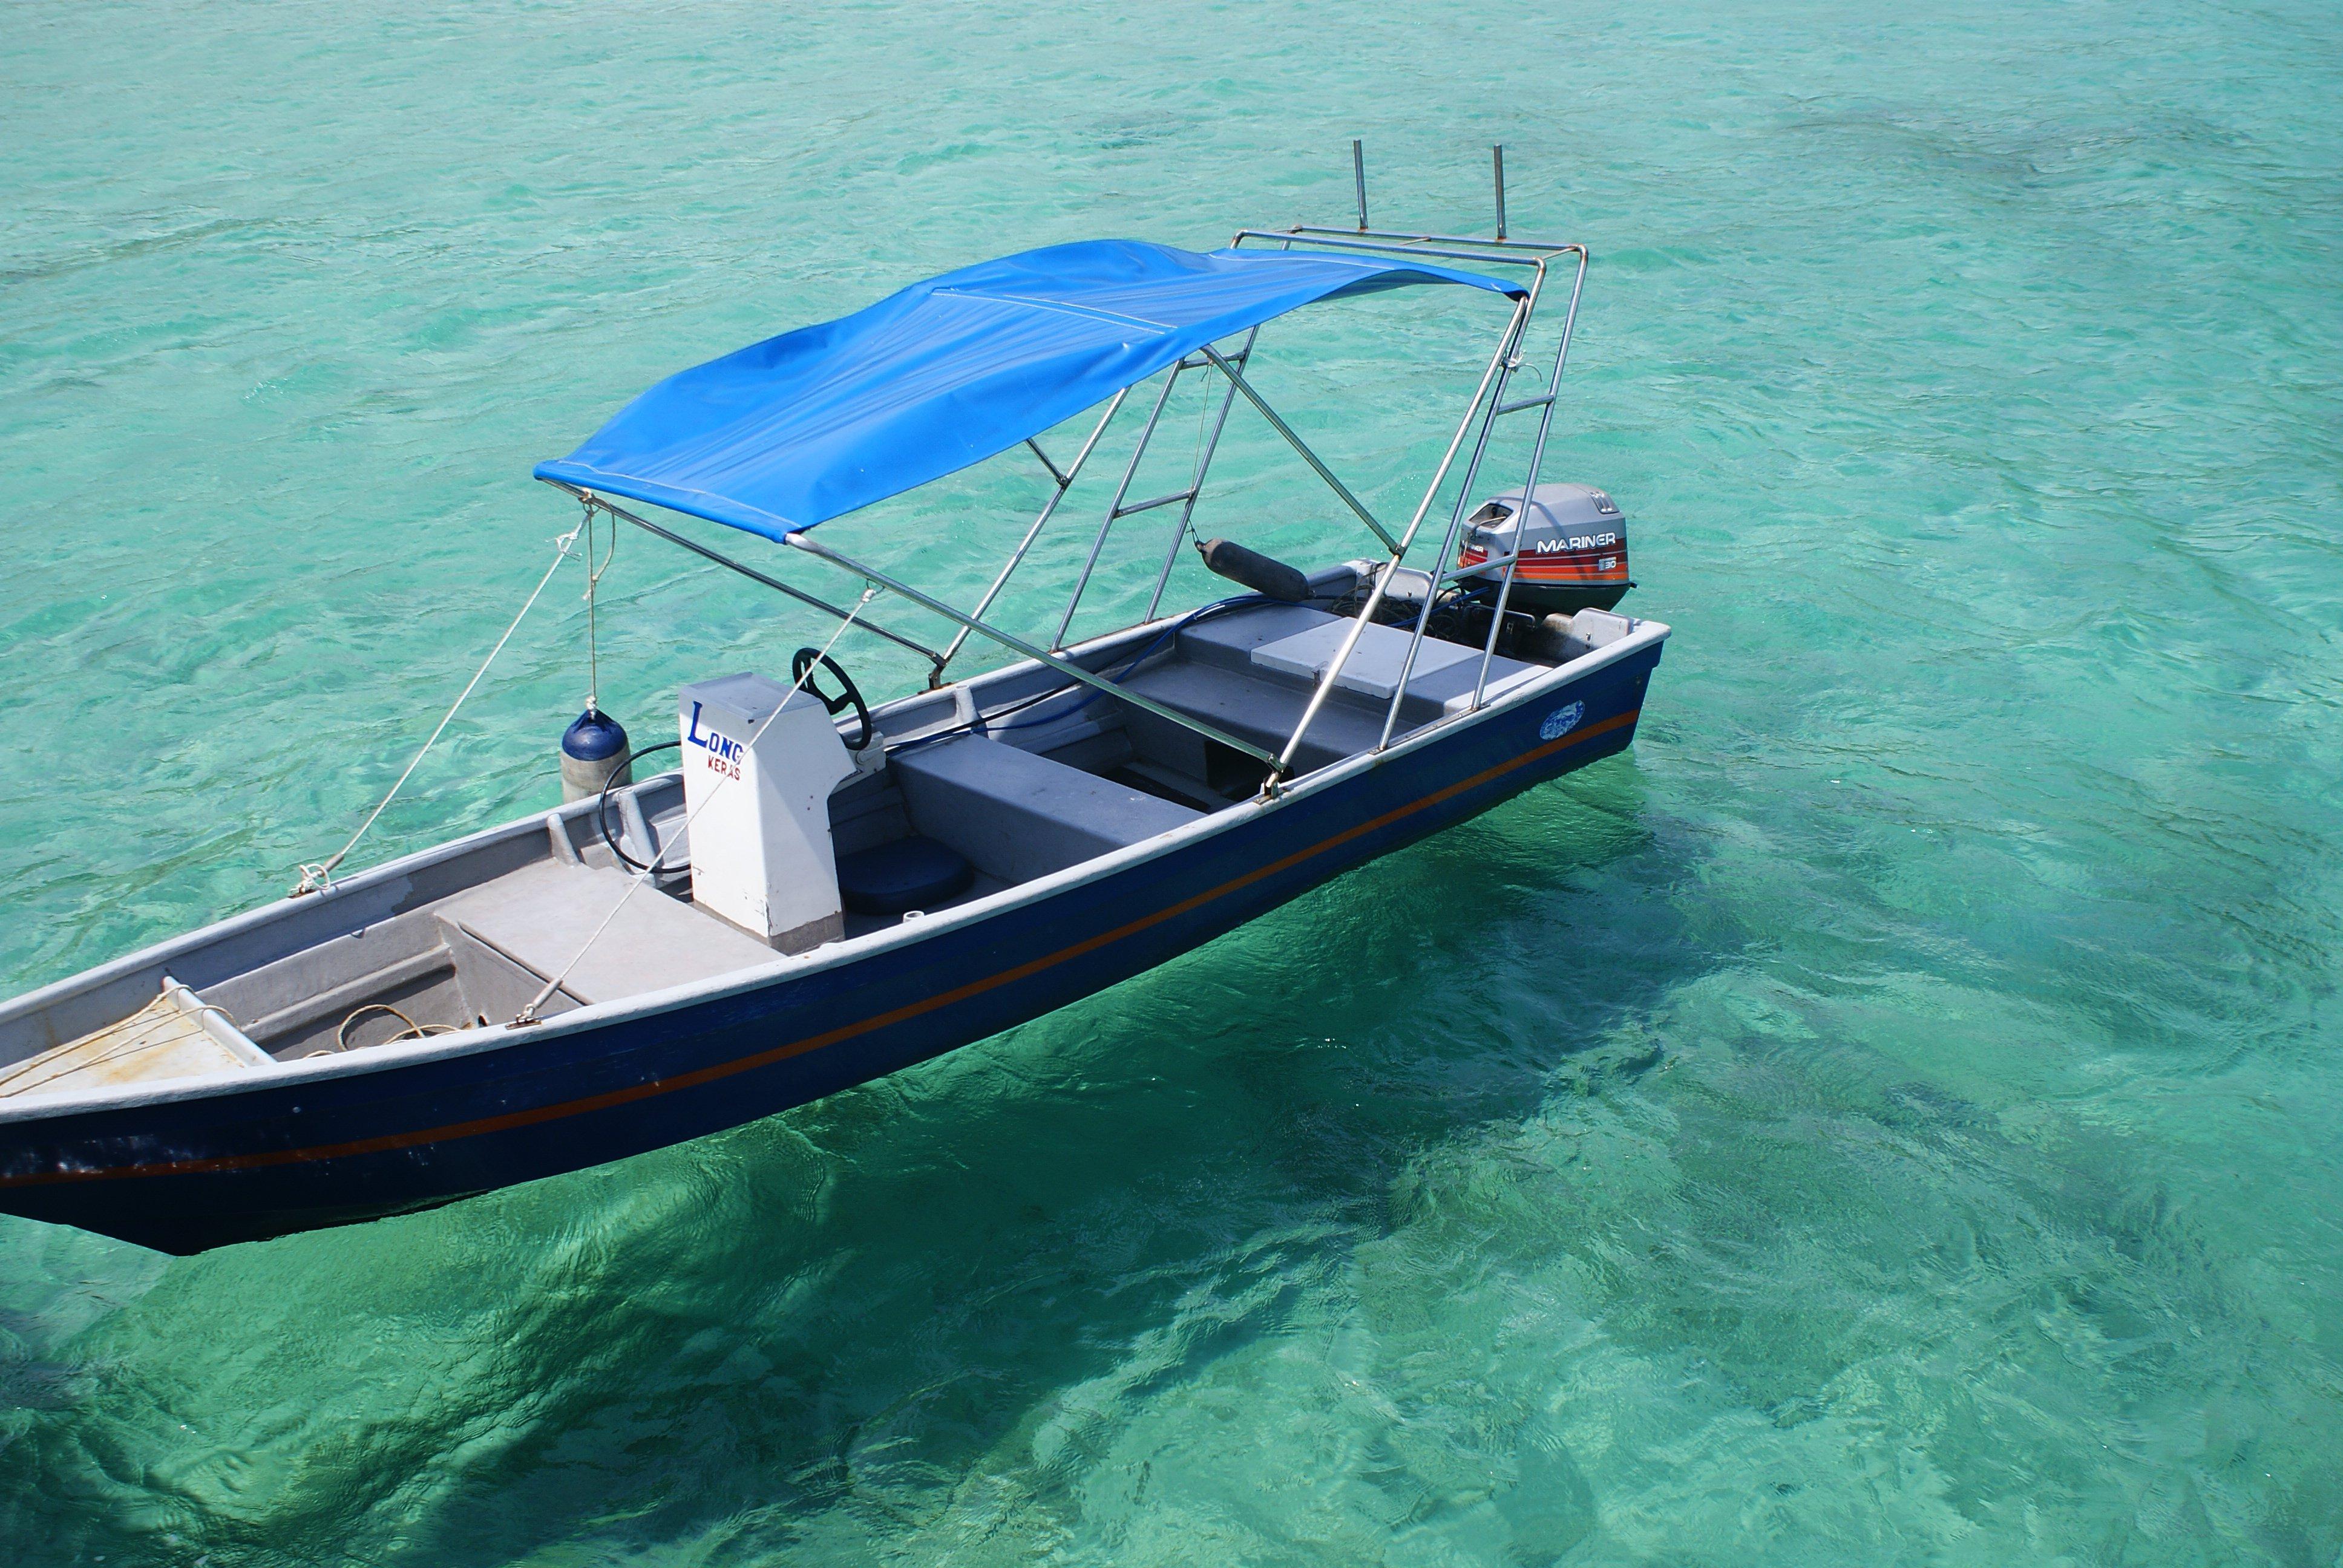 زيارة الى جزيرة تيومان في ماليزيا 616059111